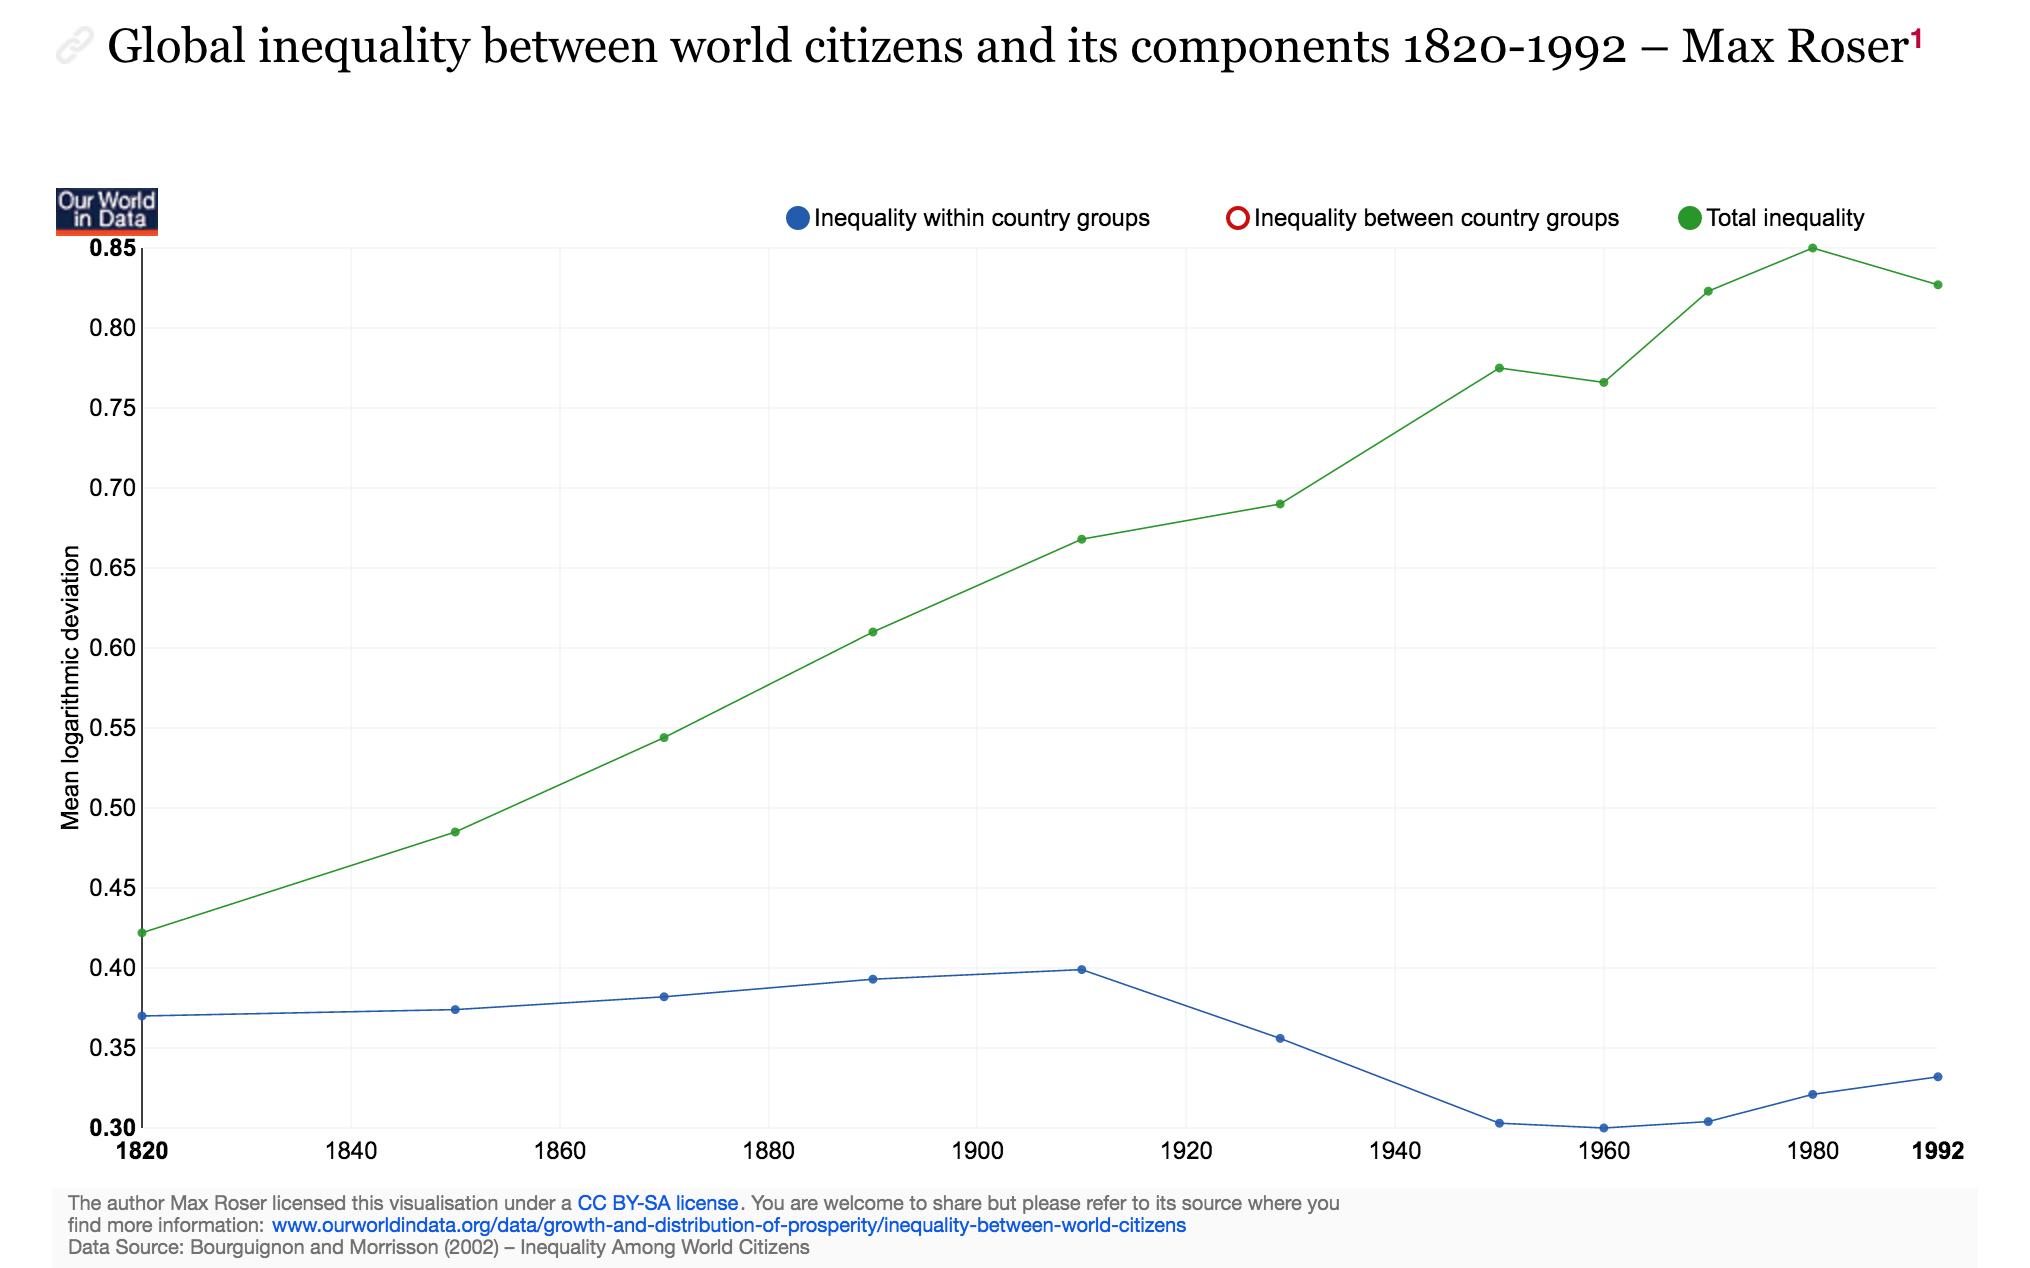 https://ourworldindata.org/global-economic-inequality